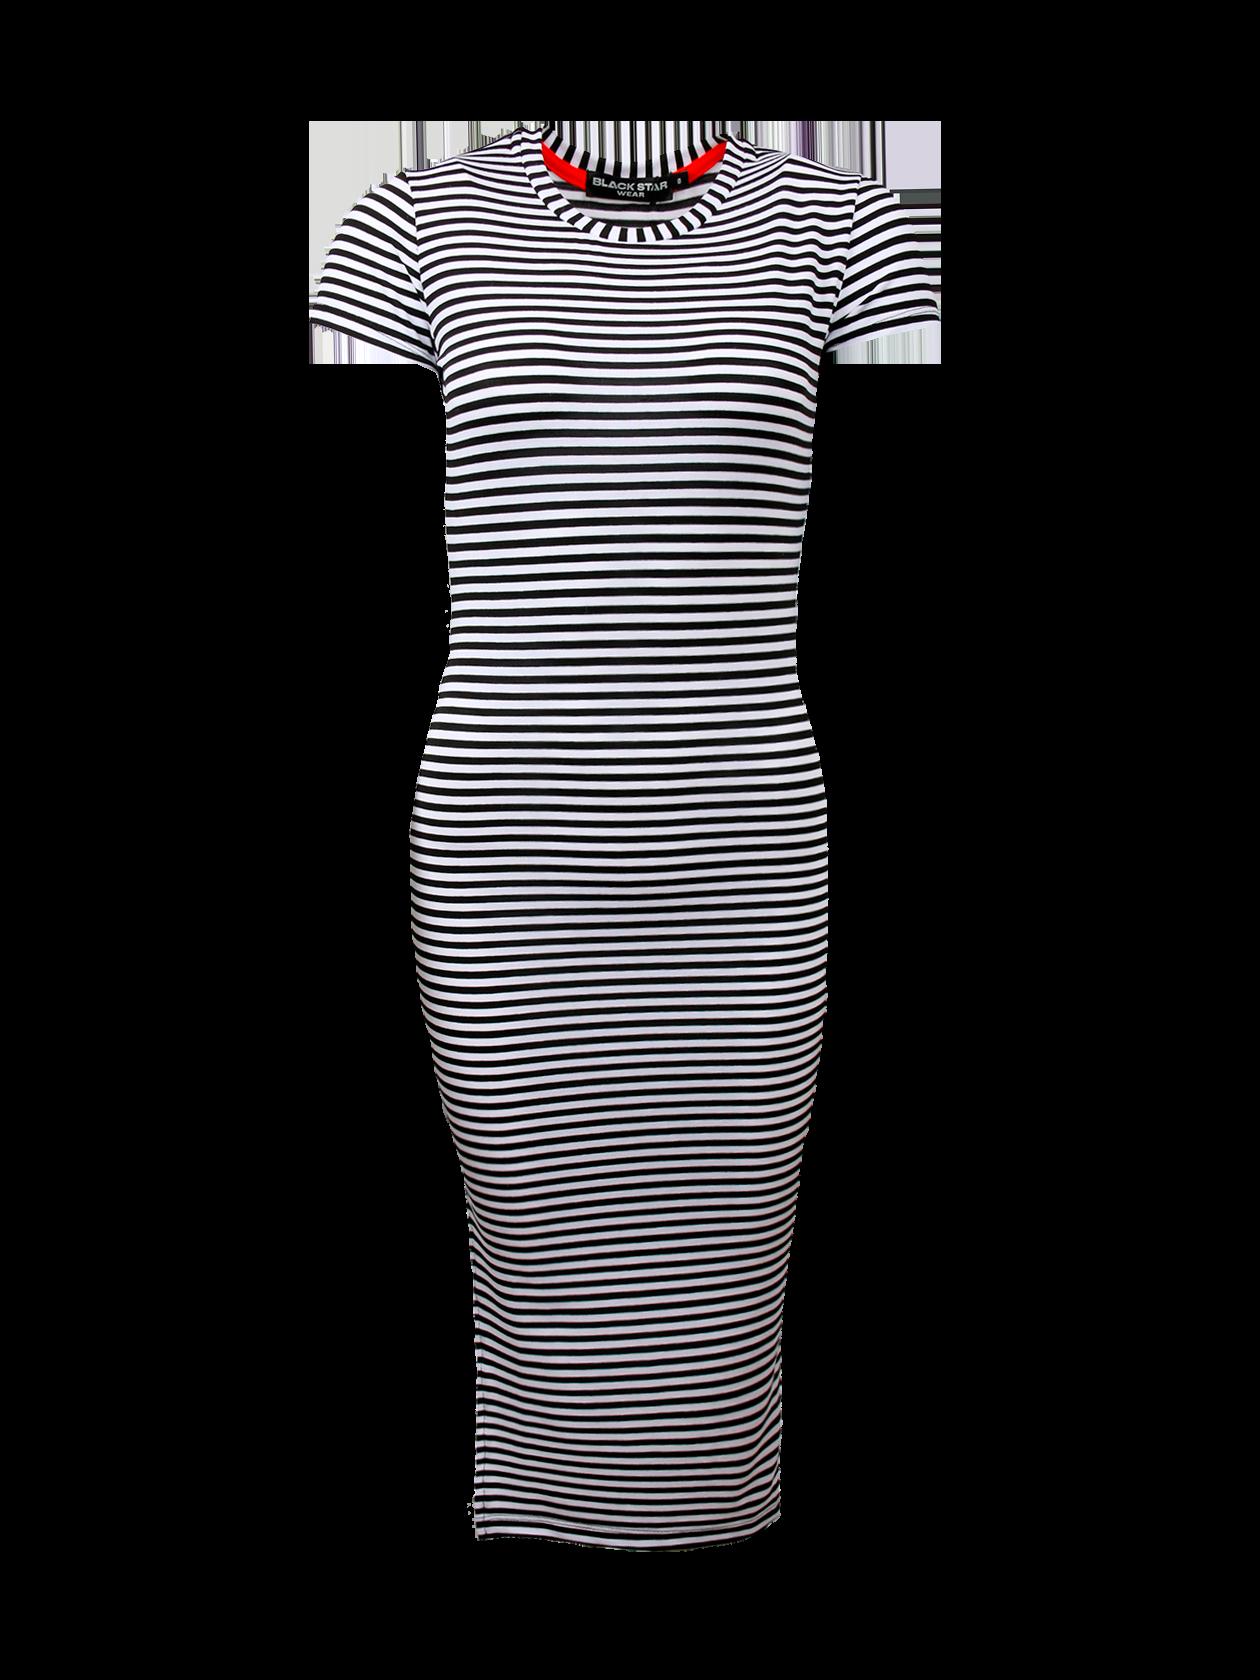 Туника женская GOLD XIIIТуника женская Gold XIII – модный хит сезона от бренда Black Star. Удлиненная модель полуоблегающего кроя может использоваться, как самостоятельная вещь или в комбинации с леггинсами. Дизайн дополнен небольшим рукавом, узкой округлой горловиной и боковым вырезом. Универсальная расцветка в черно-белую полоску не теряет своей популярности уже много лет. Туника сшита из высококачественного материала на основе натурального хлопка.<br><br>Размер: S<br>Цвет: Черный/Белый<br>Пол: Женский